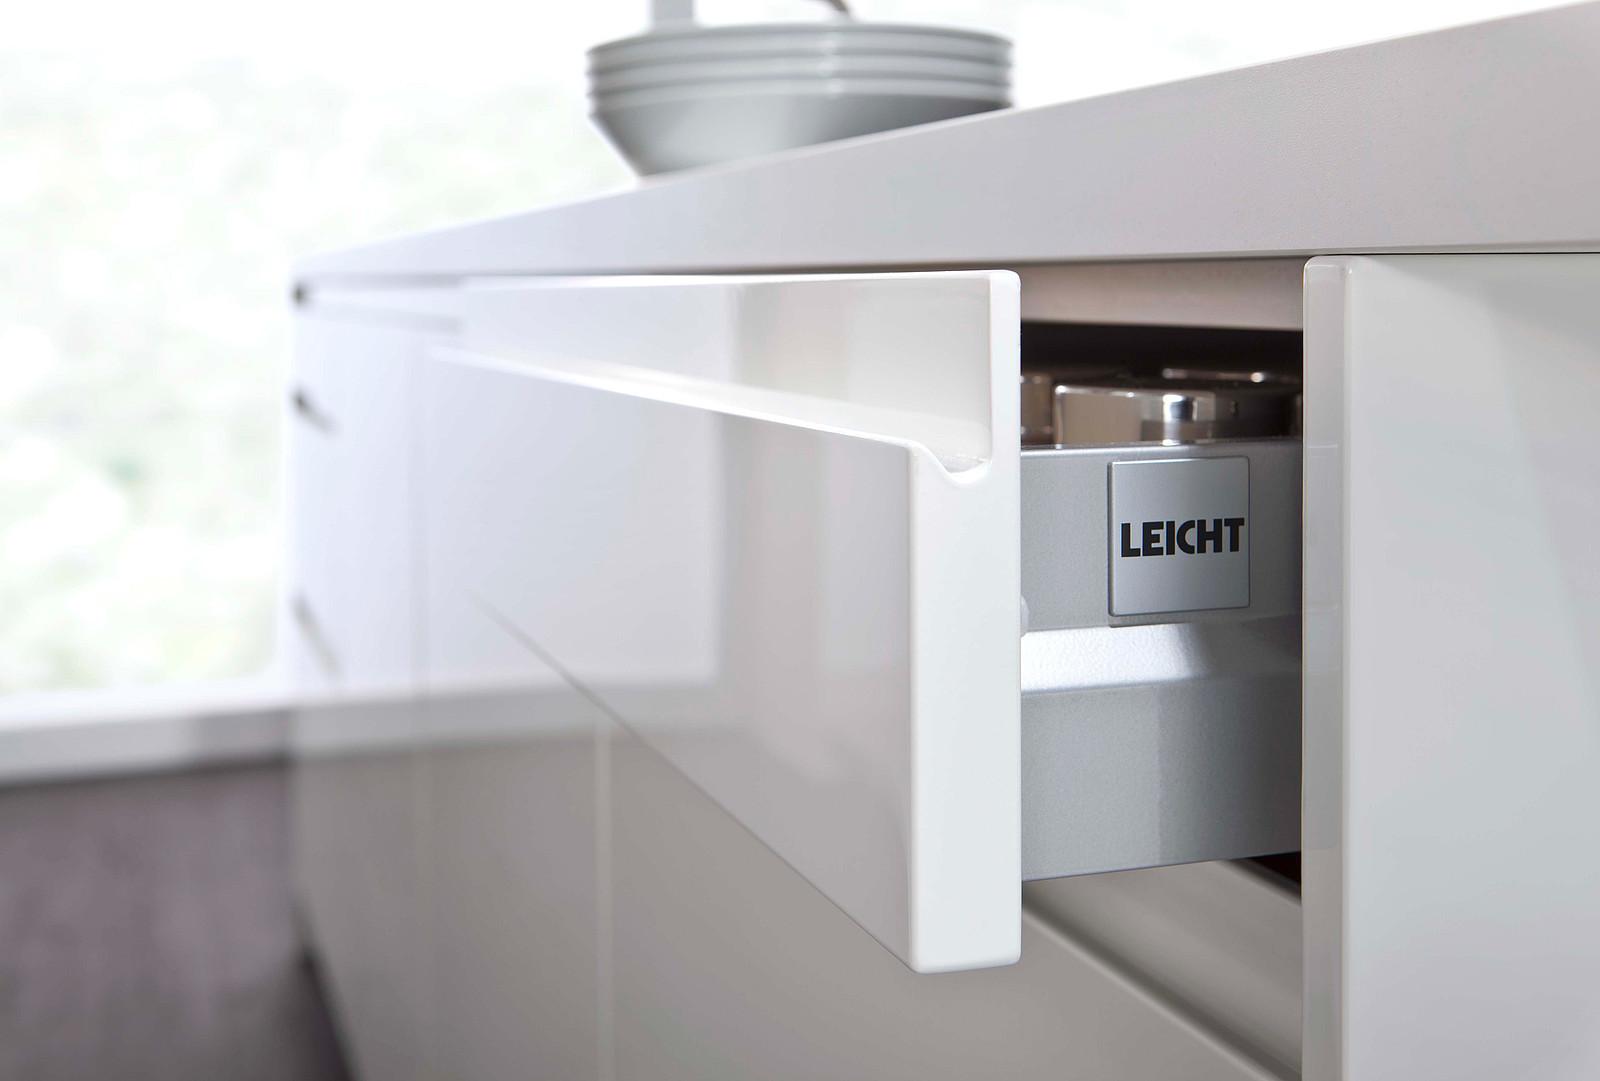 Full Size of Grifflose Kche Hcker Mit Insel Brigitte Erfahrungen Mllsystem Müllsystem Küche Wohnzimmer Häcker Müllsystem